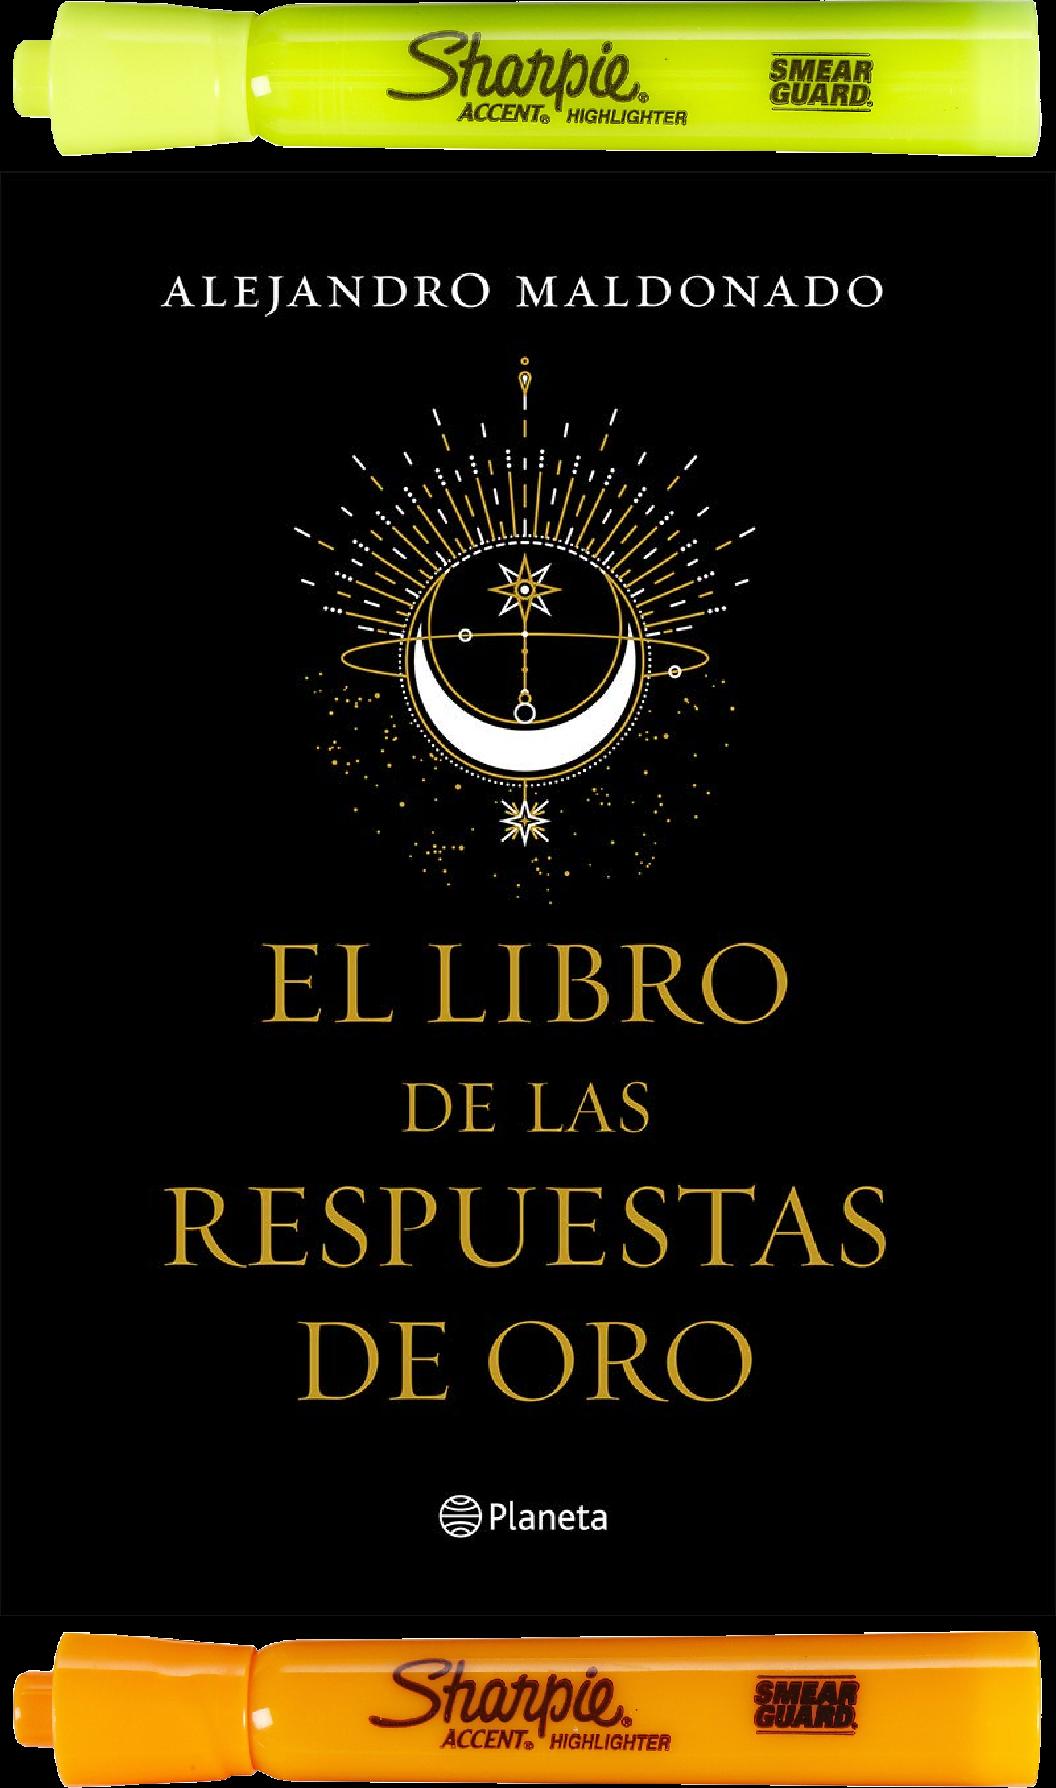 El Libro De Las Respuestas De Oro Alejandro Maldonado Libros Para Leer Juveniles Libros Para Leer Libros